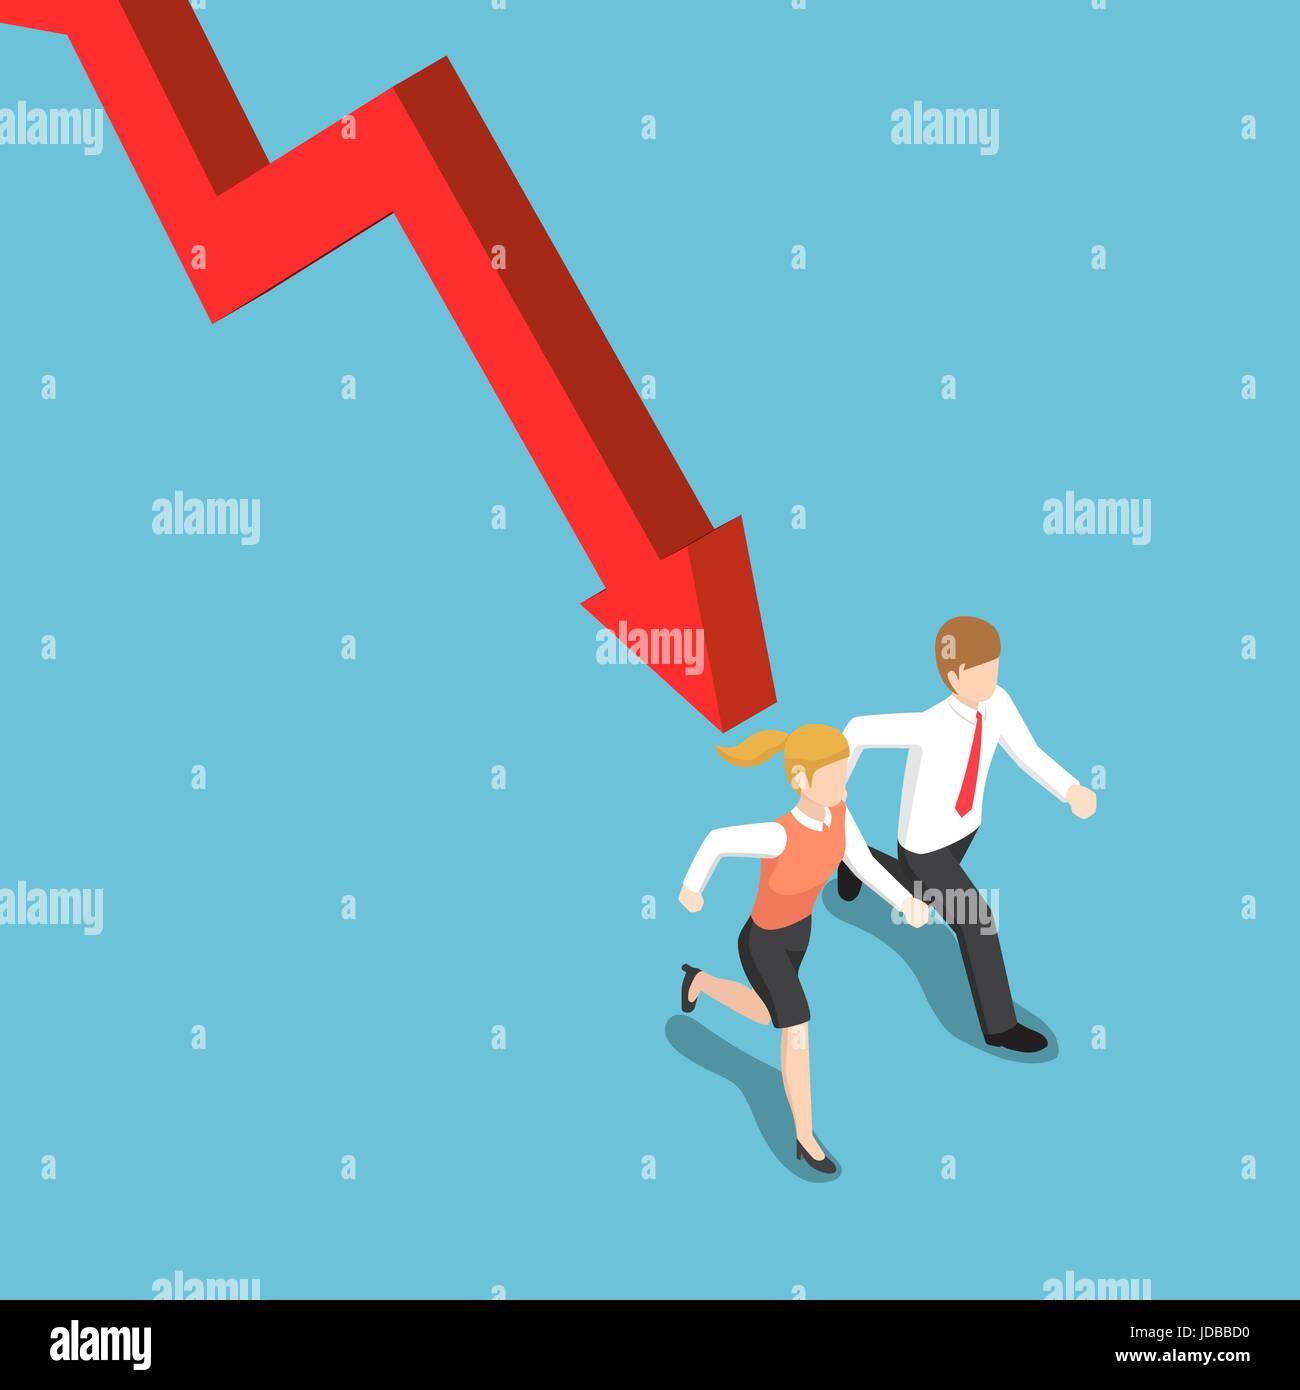 Flache 3d isometrische Geschäftsmann und Geschäftsfrau Runaway von fallenden Graph. Finanzkrise-Konzept. Stockbild